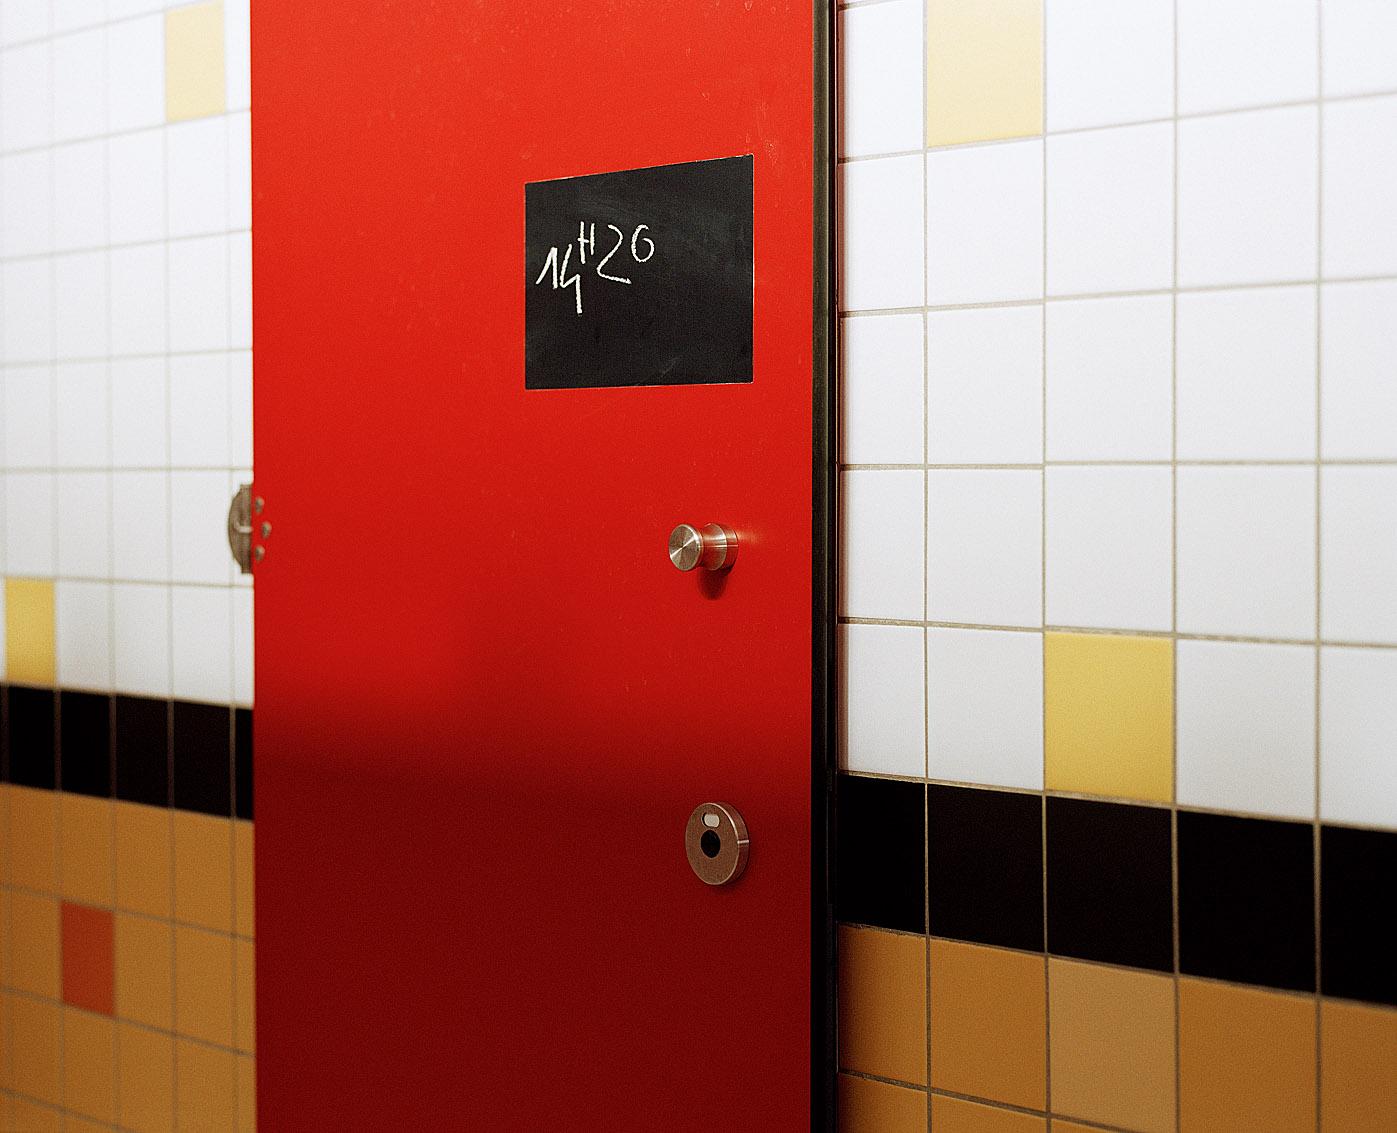 Le régisseur des bains inscrit l'heure d'arrivée de l'usager sur la porte de sa cabine. Bains-douches des Haies, Paris.